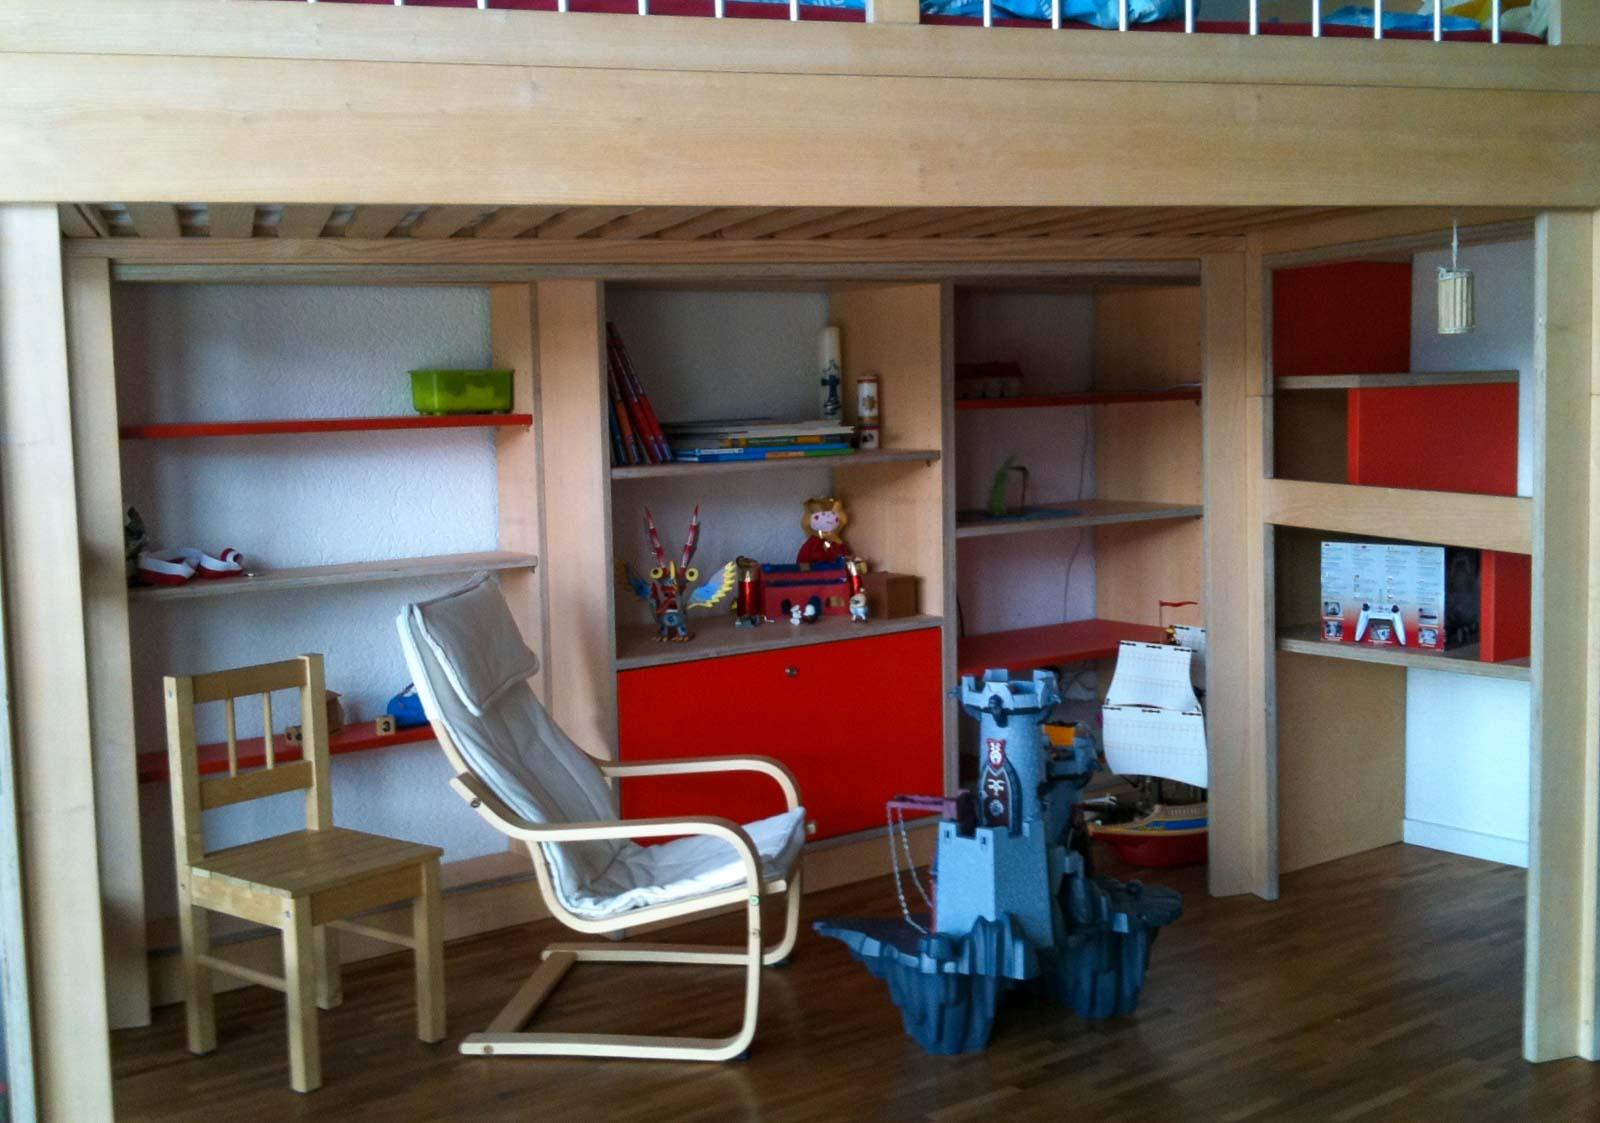 Wooddesign_Kinderzimmer_Kinderbett_Spielzimmer_Treppe-Verstauraum_ Schubladen_Bücherregal_Hochbett (2)